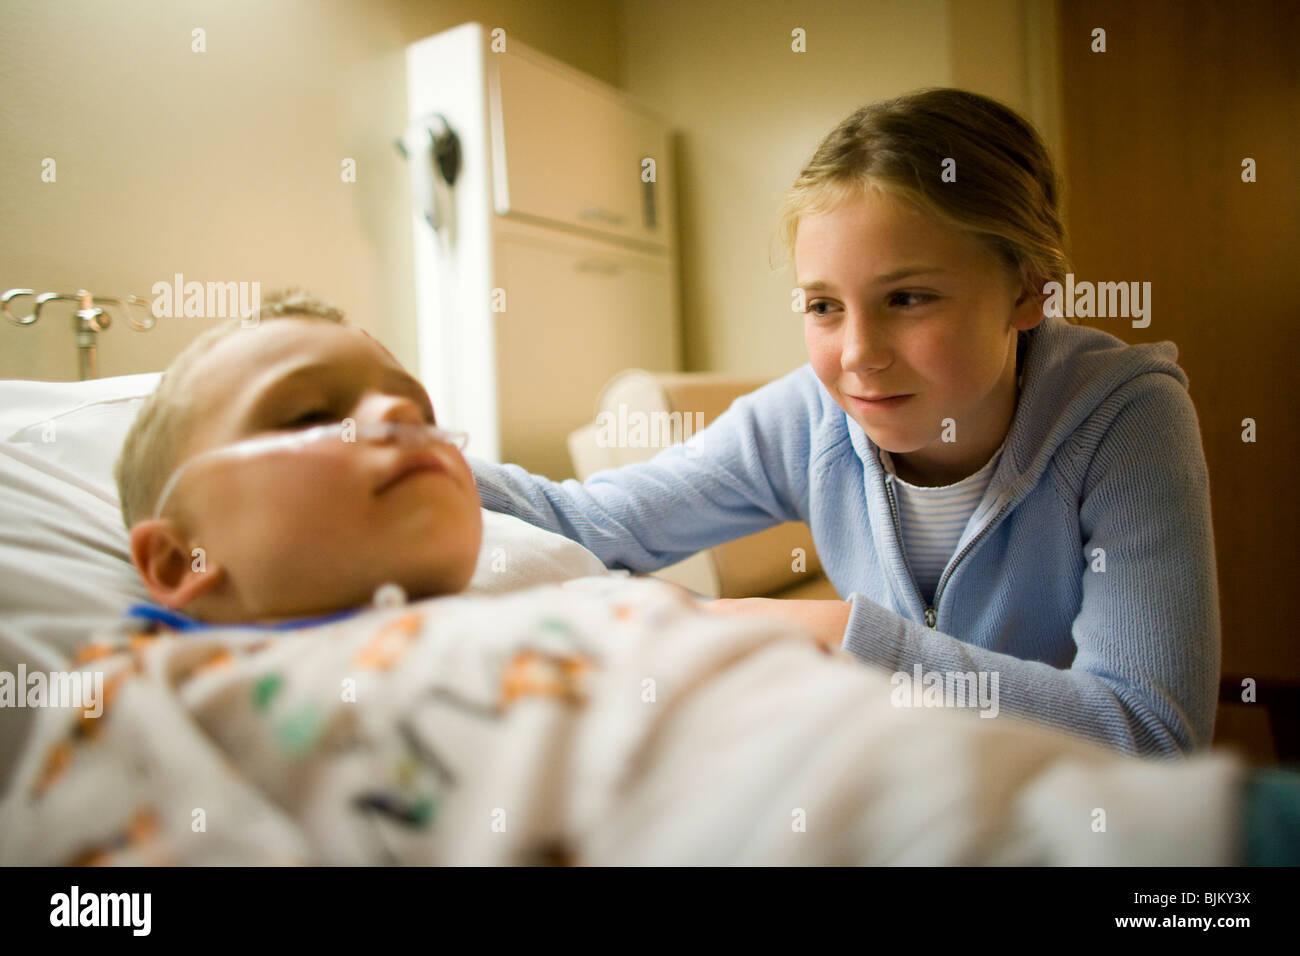 Junge Mädchen von Bruder im Krankenhausbett sitzen Stockbild